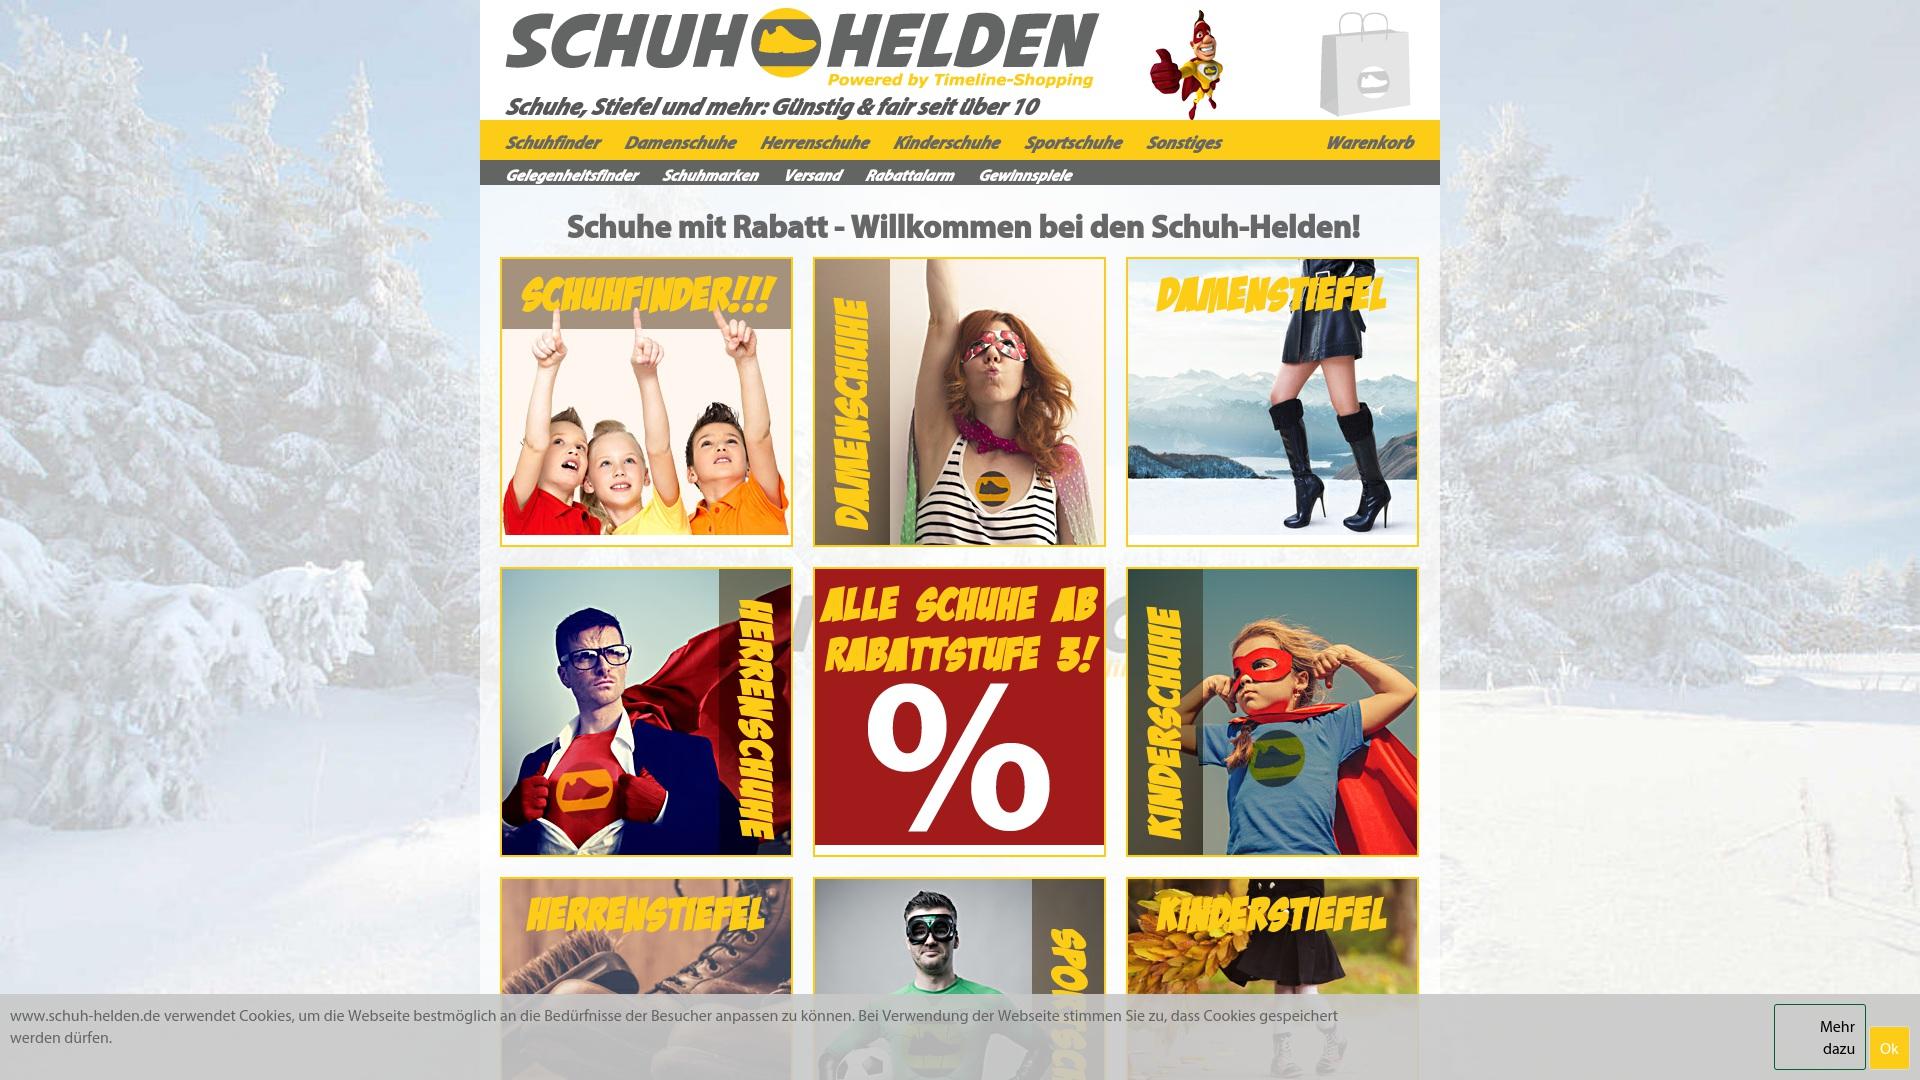 Gutschein für Schuh-helden: Rabatte für  Schuh-helden sichern